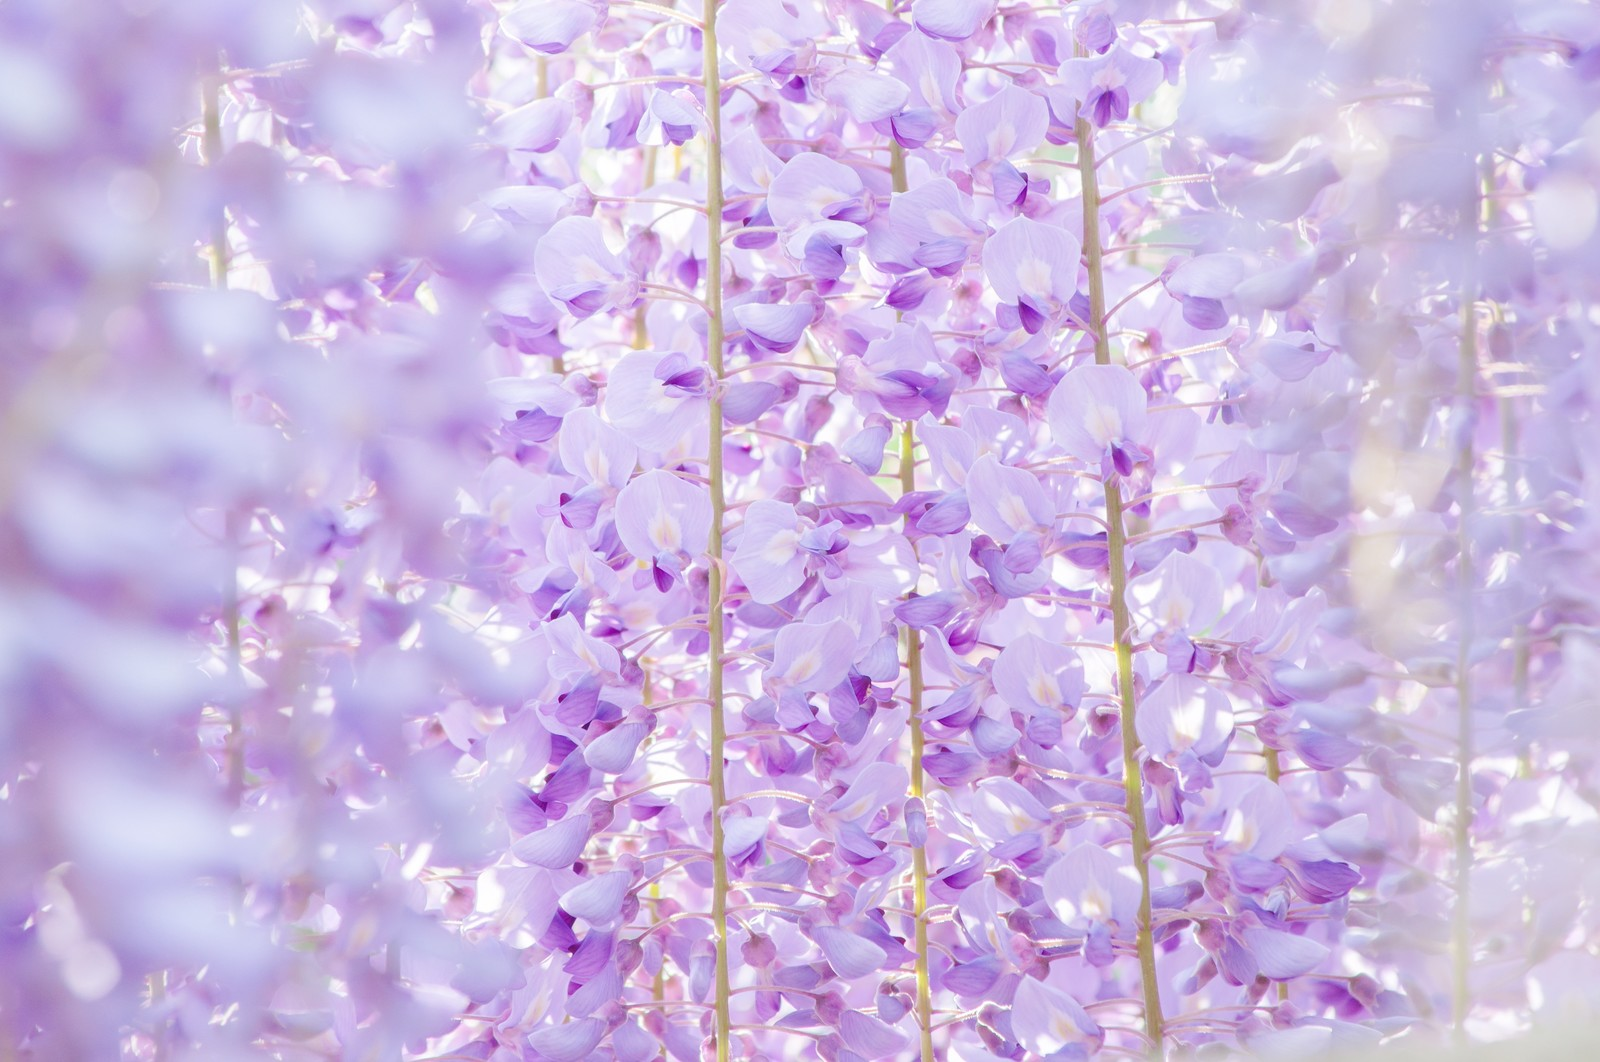 まるで花札のよう 美しい藤の花の高画質画像30選 写真まとめ